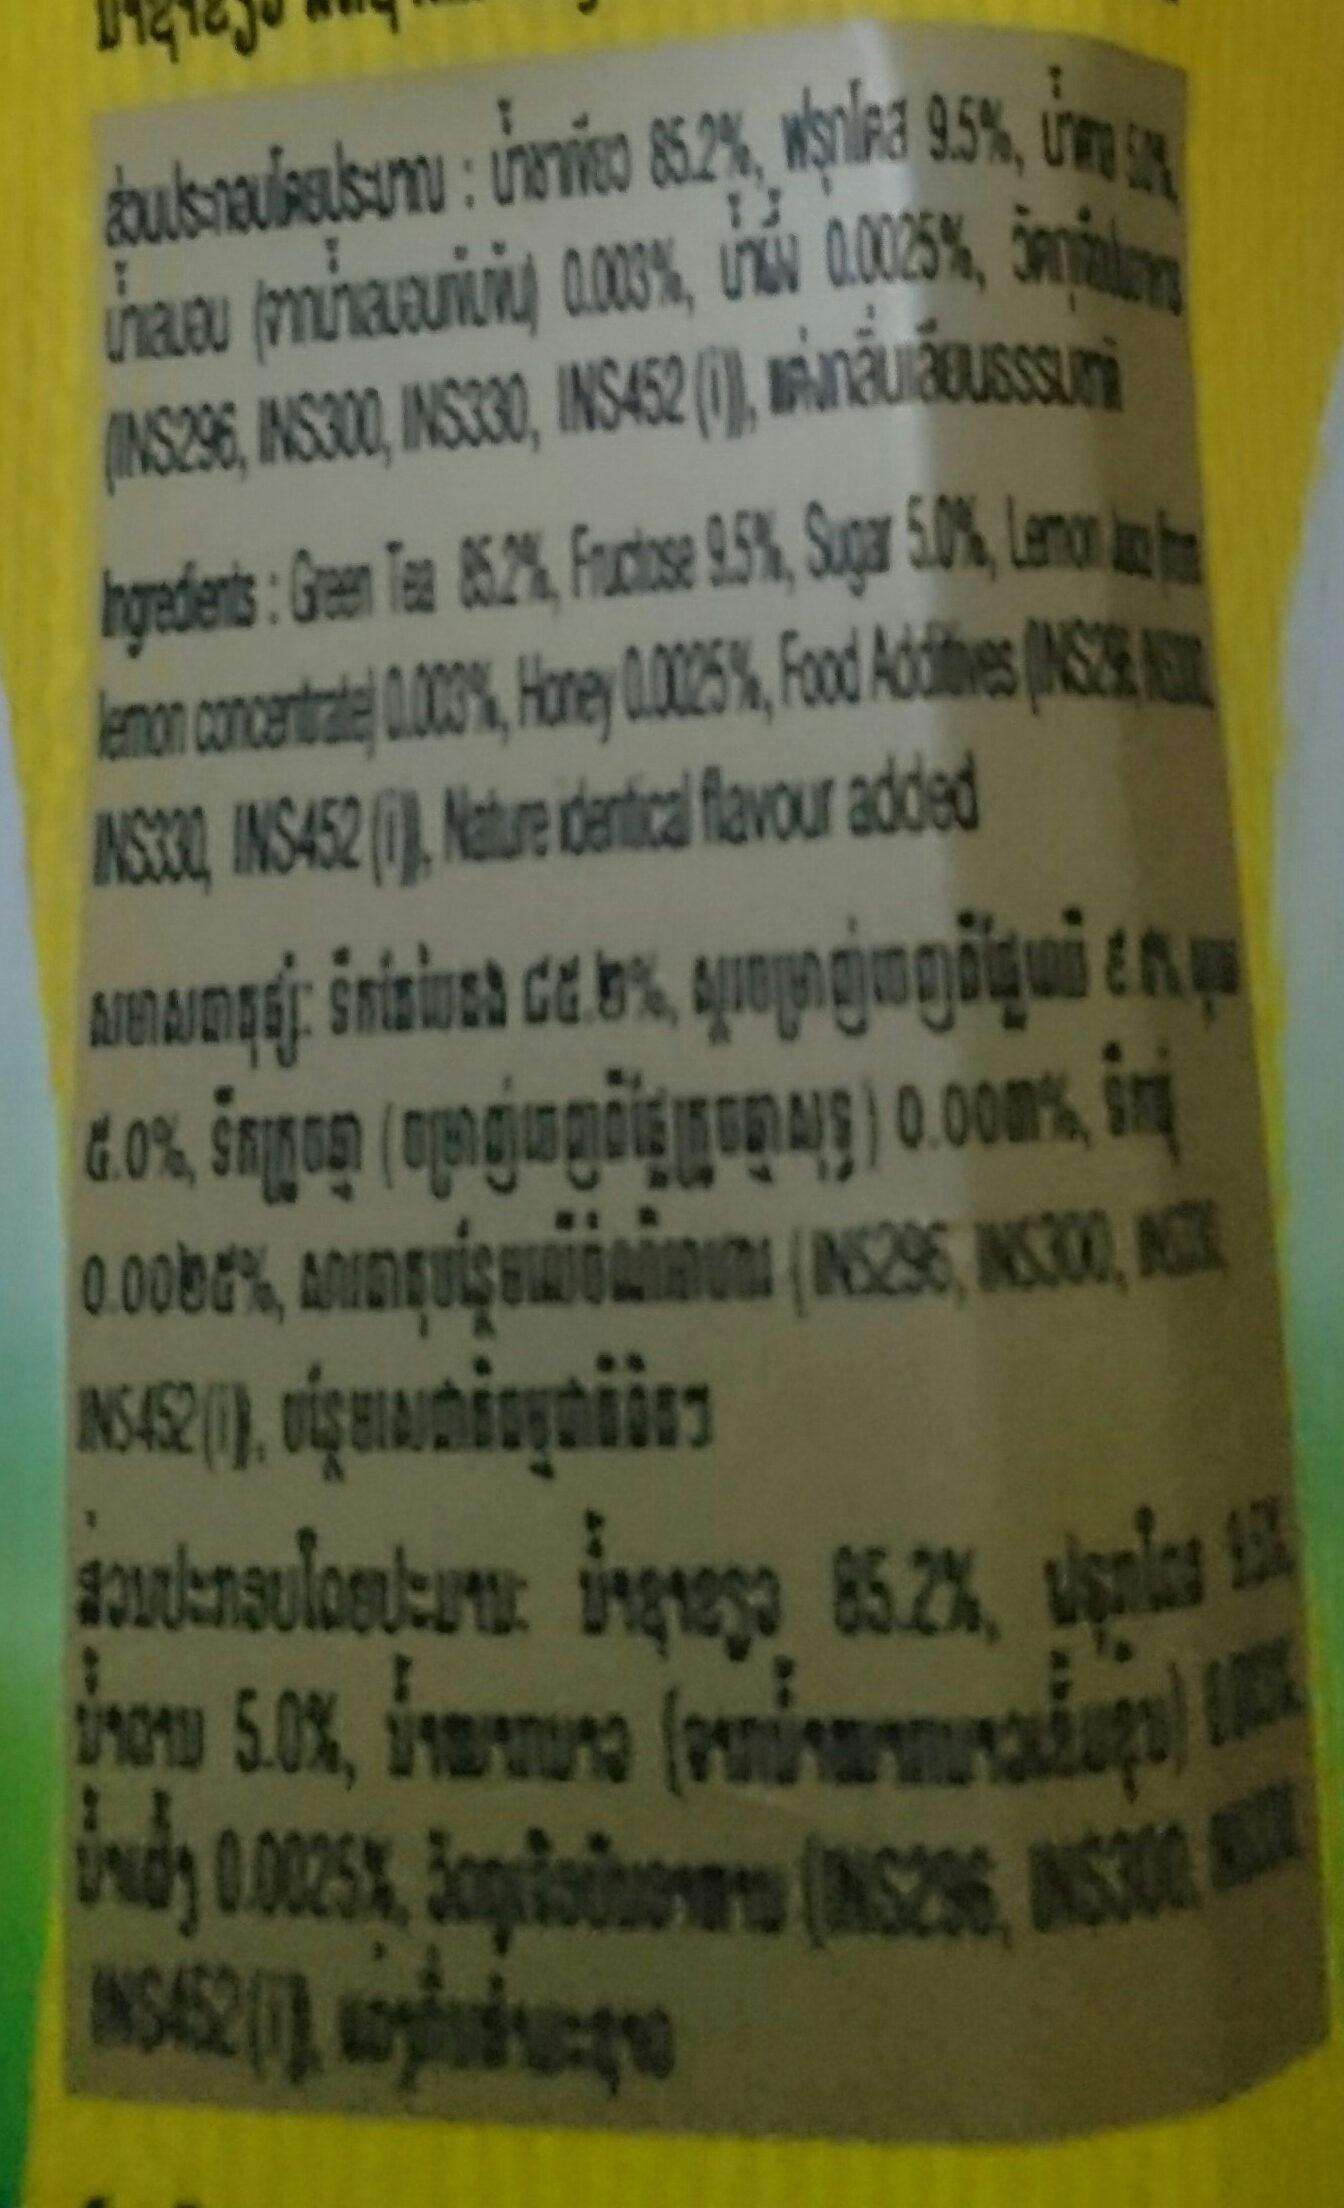 OISHI green tea - Ingredients